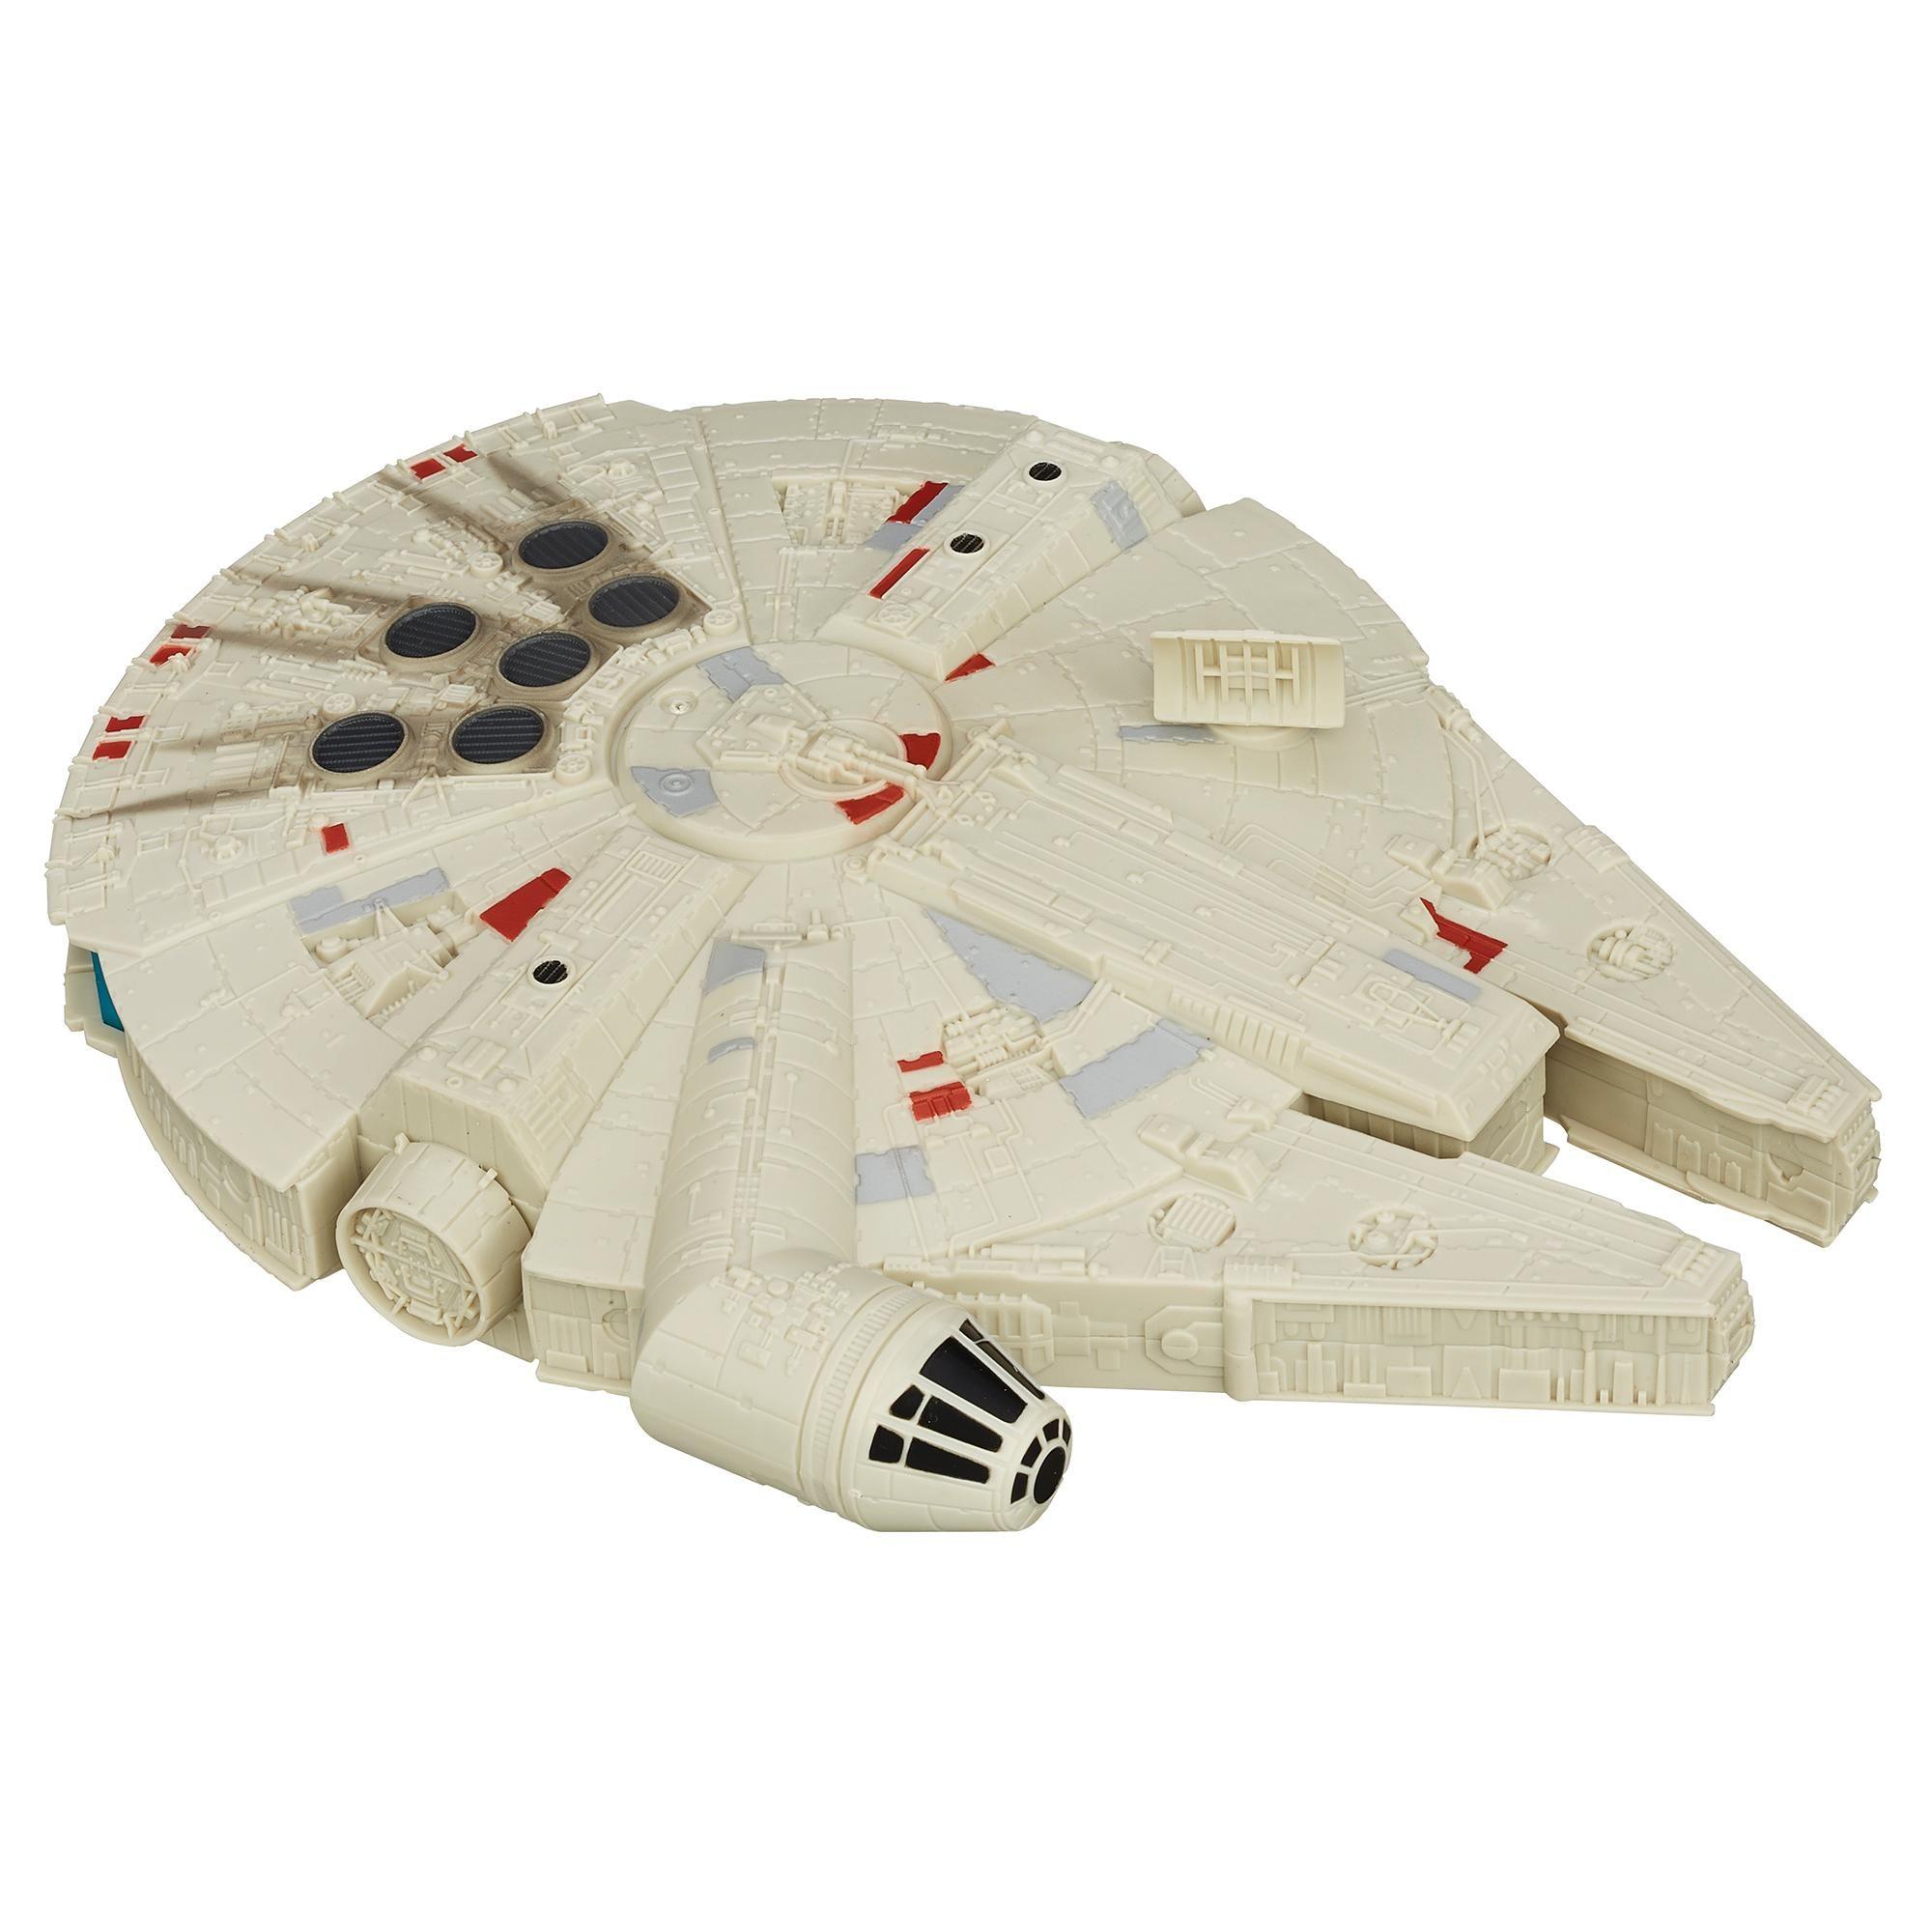 Star Wars Veiculo Nave Millenium Falcon Especial - Hasbro